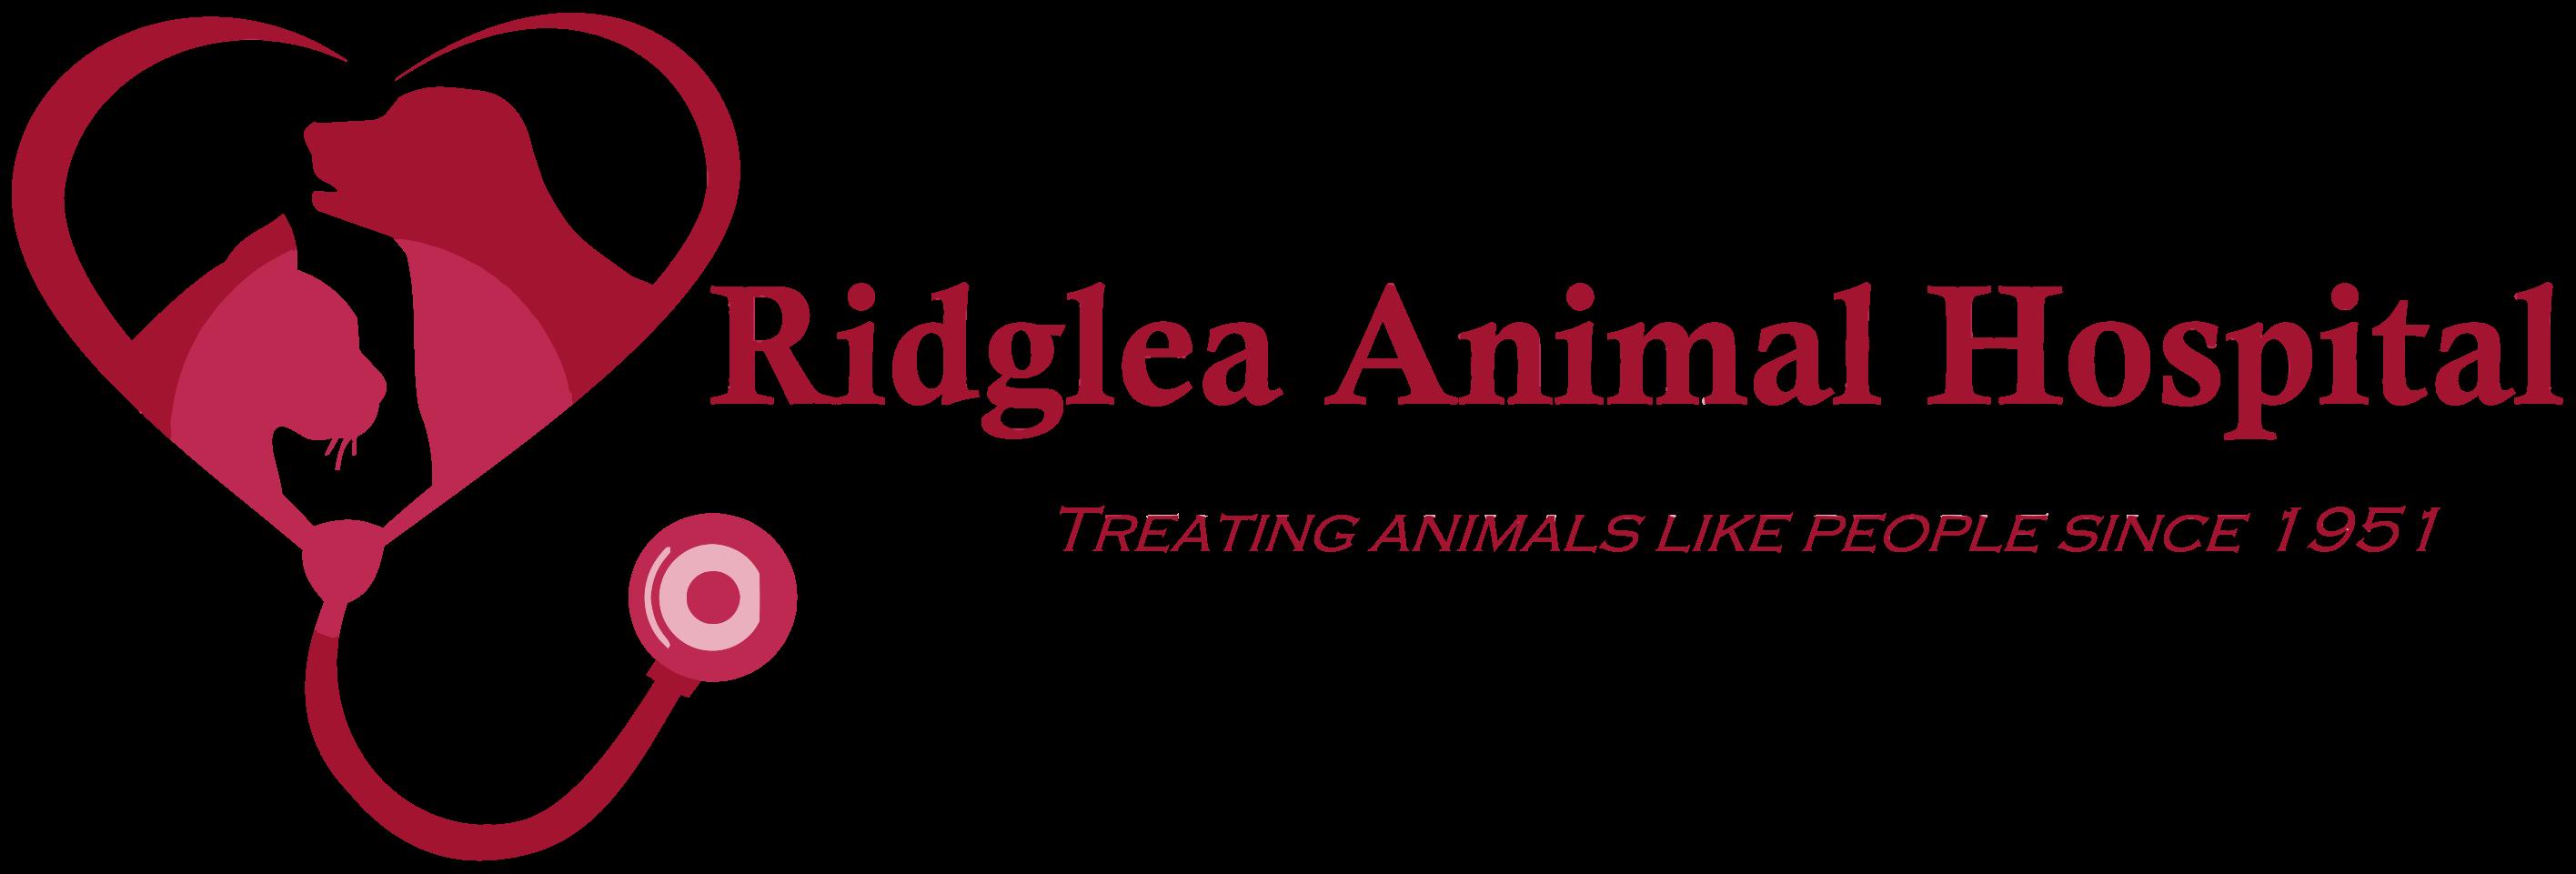 Ridglea Animal Hospital